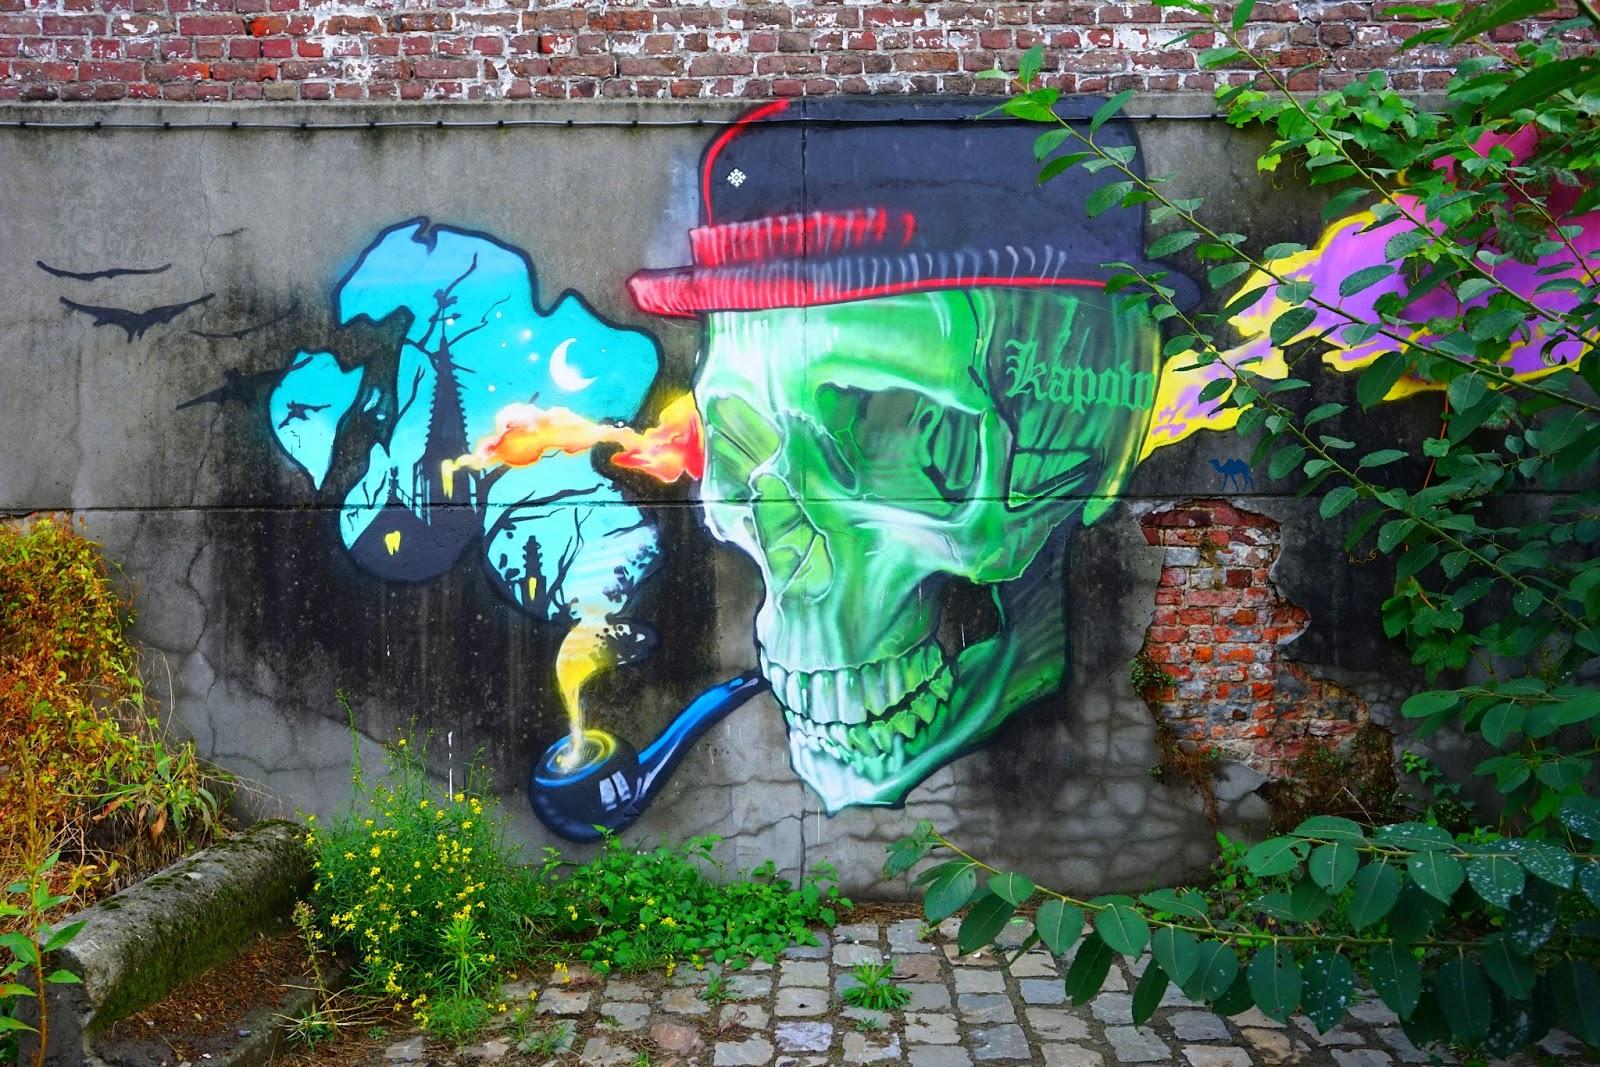 Le Chameau Bleu - Blog Voyage Gand Belgique - Crane de l'artiste Kapow - Street Art à Gand en Belgique